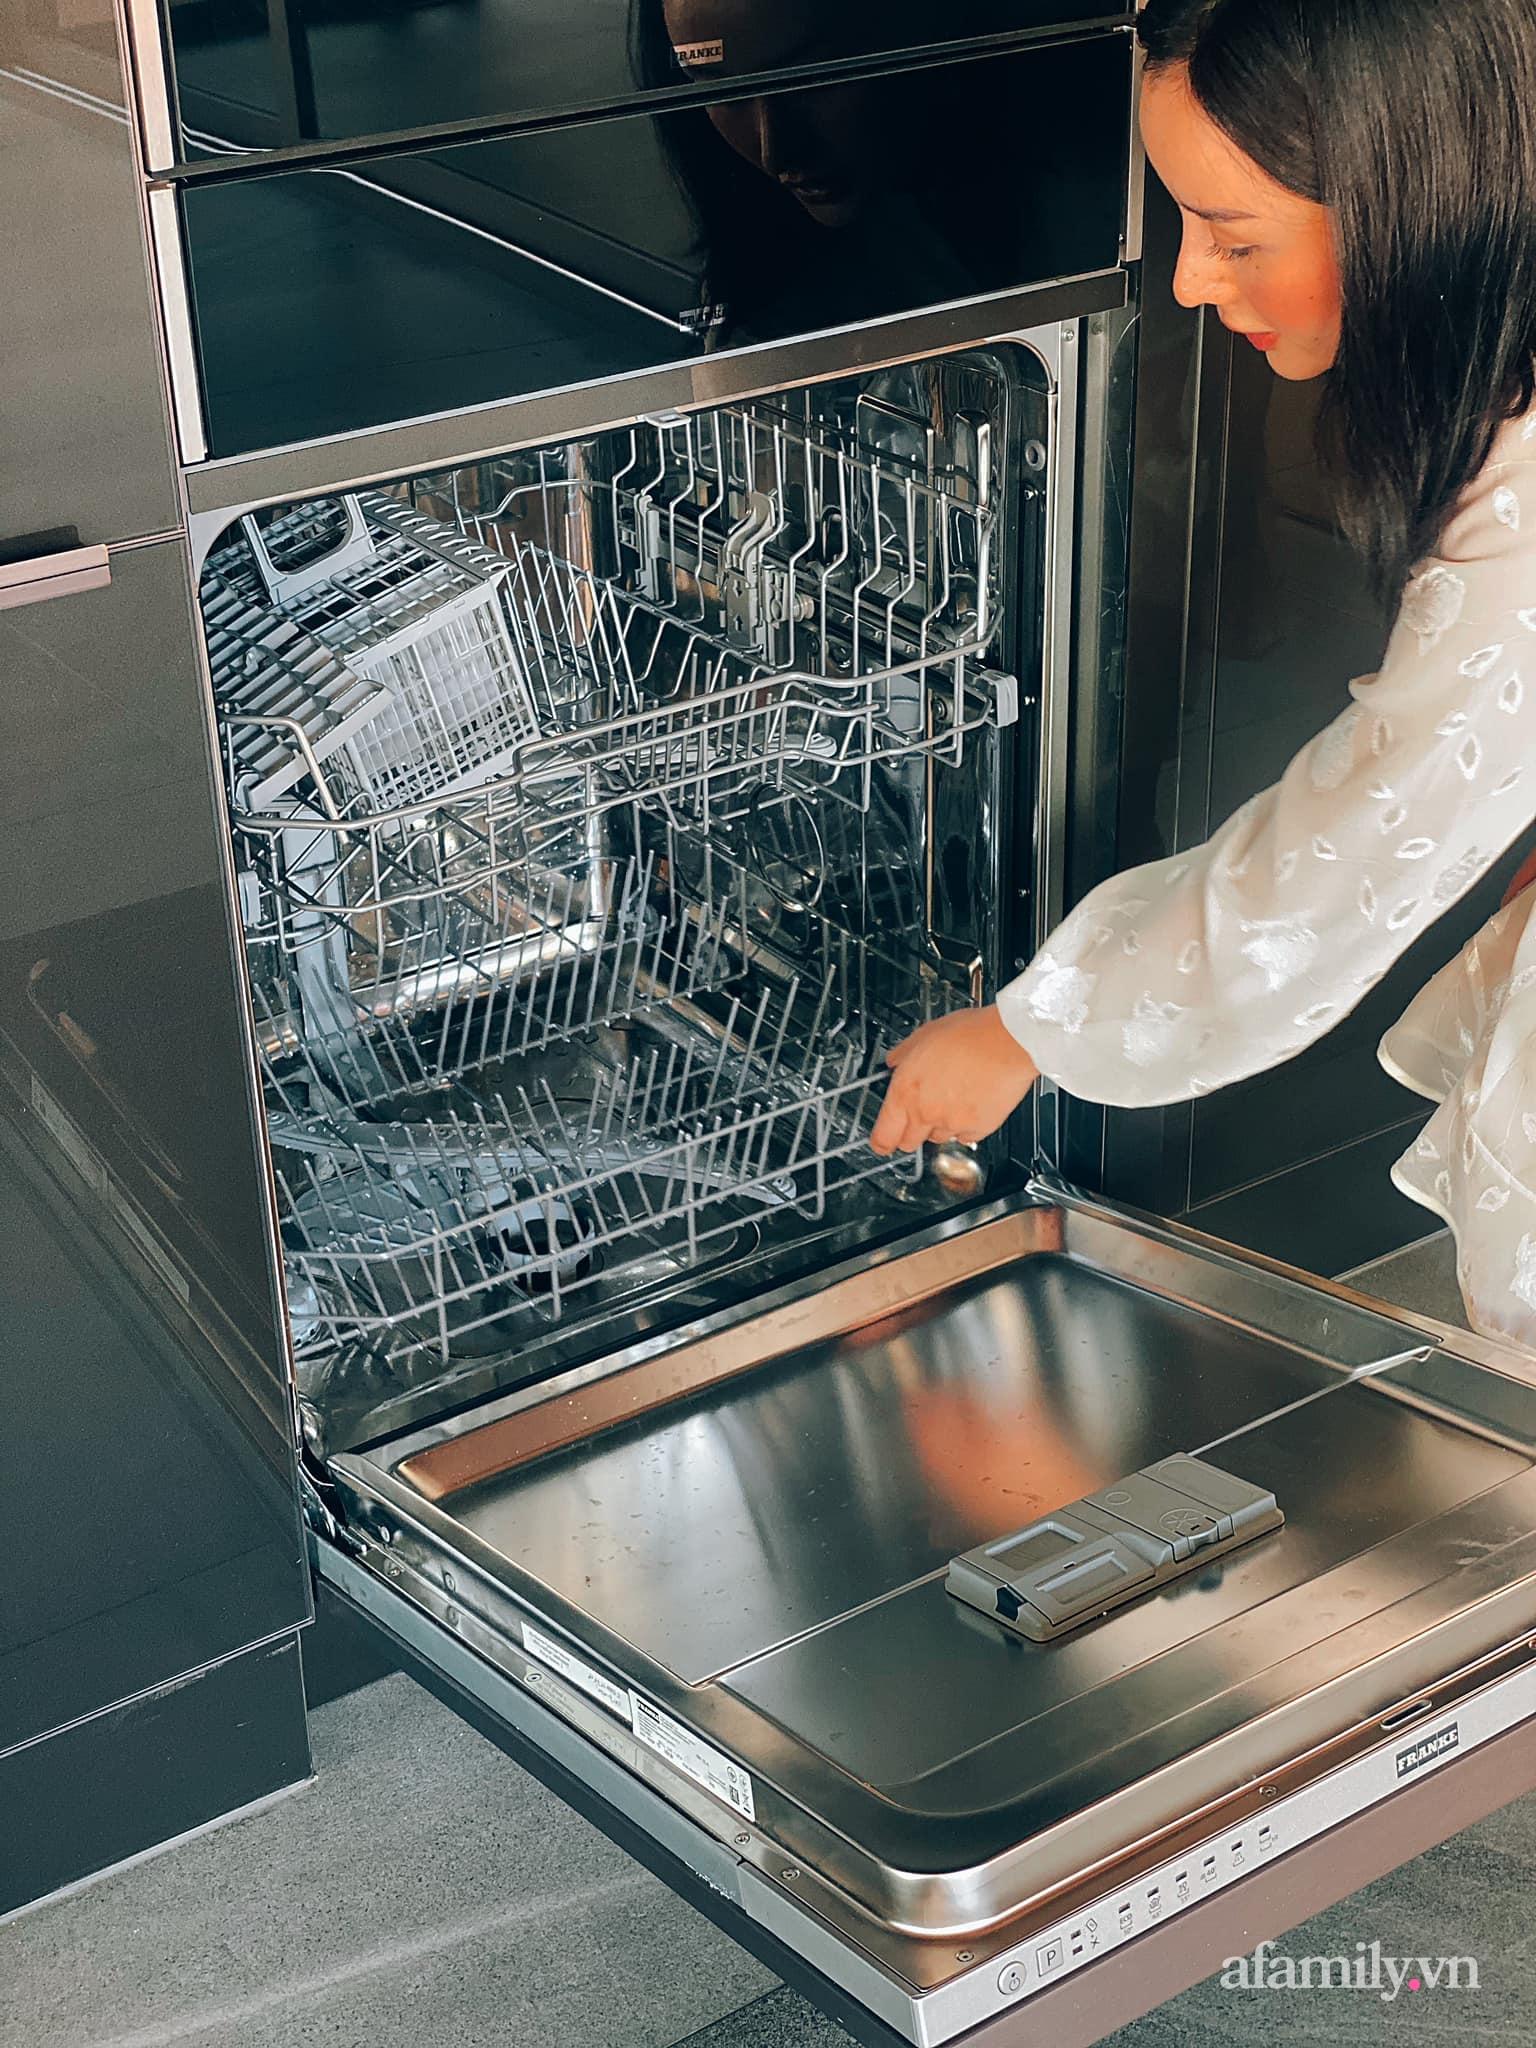 Vợ đại gia Thái Lan khoe căn bếp 3,7 tỷ chồng tặng: Toàn món đồ bếp dòng mới nhất của thương hiệu ngoại cao cấp này - Ảnh 9.